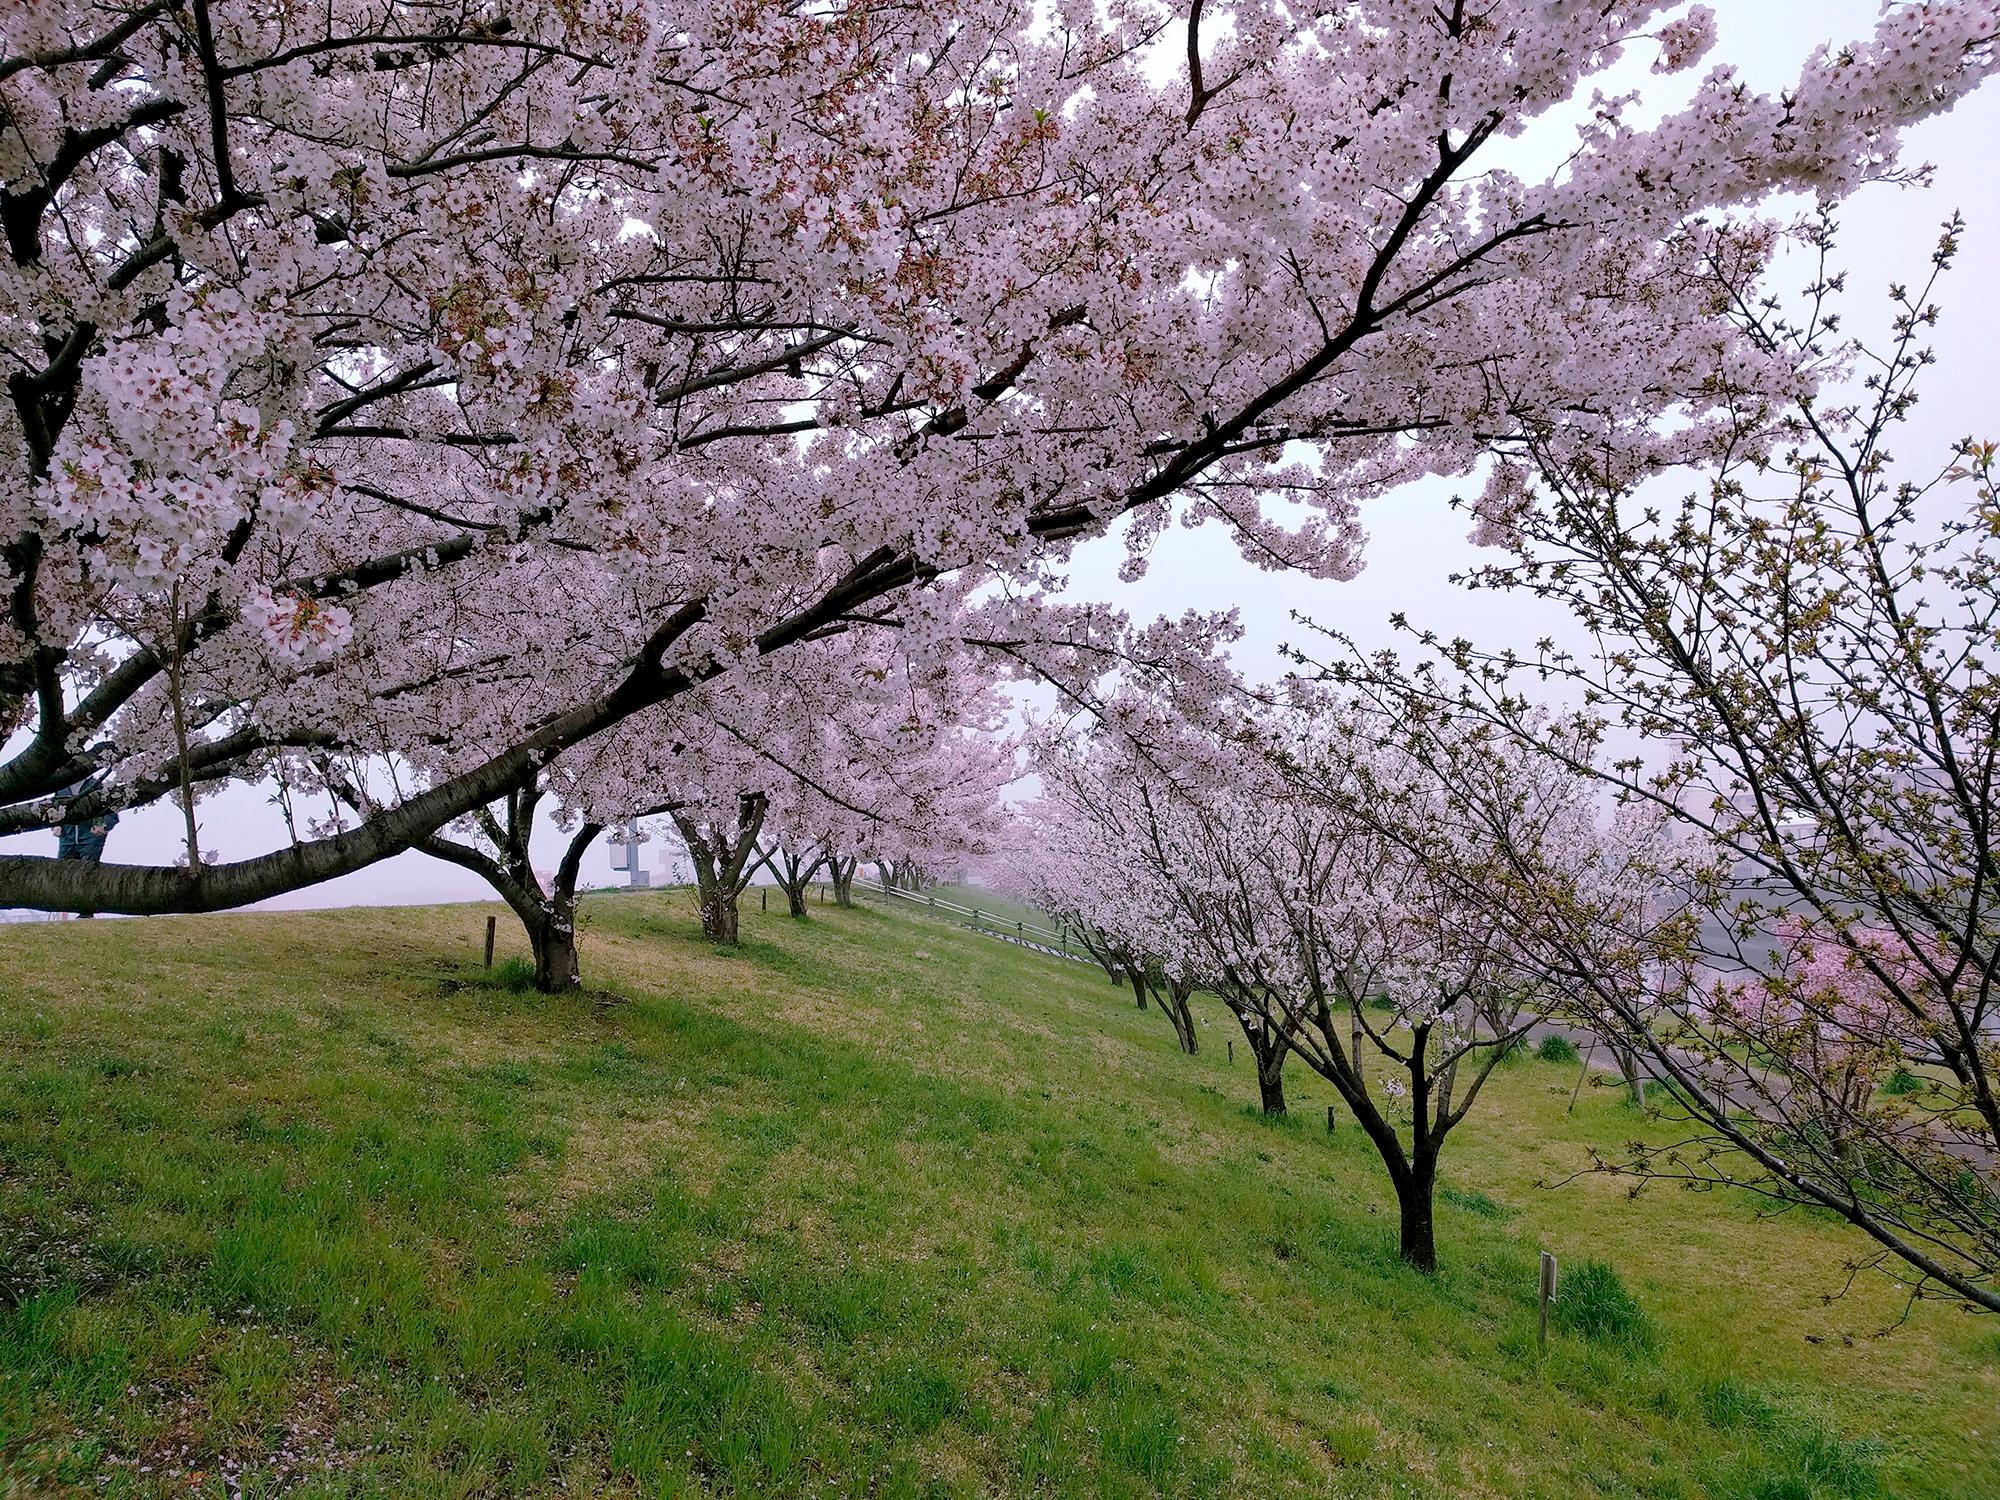 アンダンテと終曲 | klois.com